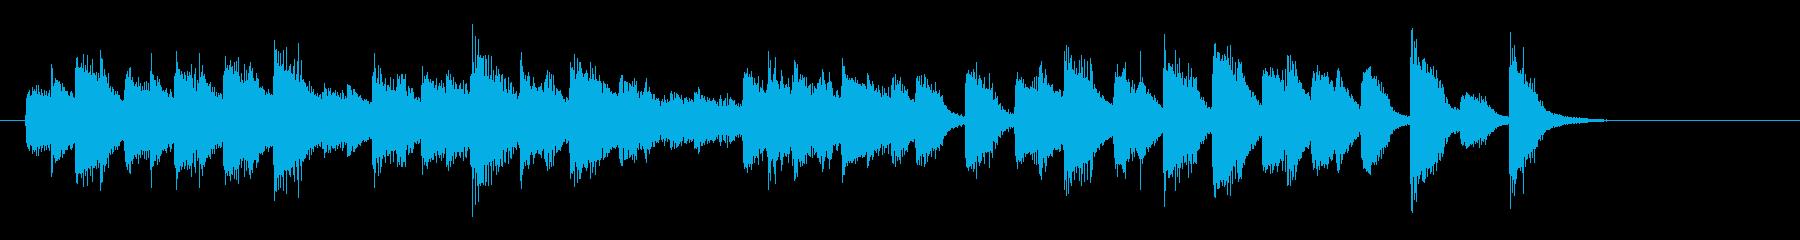 酒場で流れるおしゃれで軽快なピアノ曲2の再生済みの波形